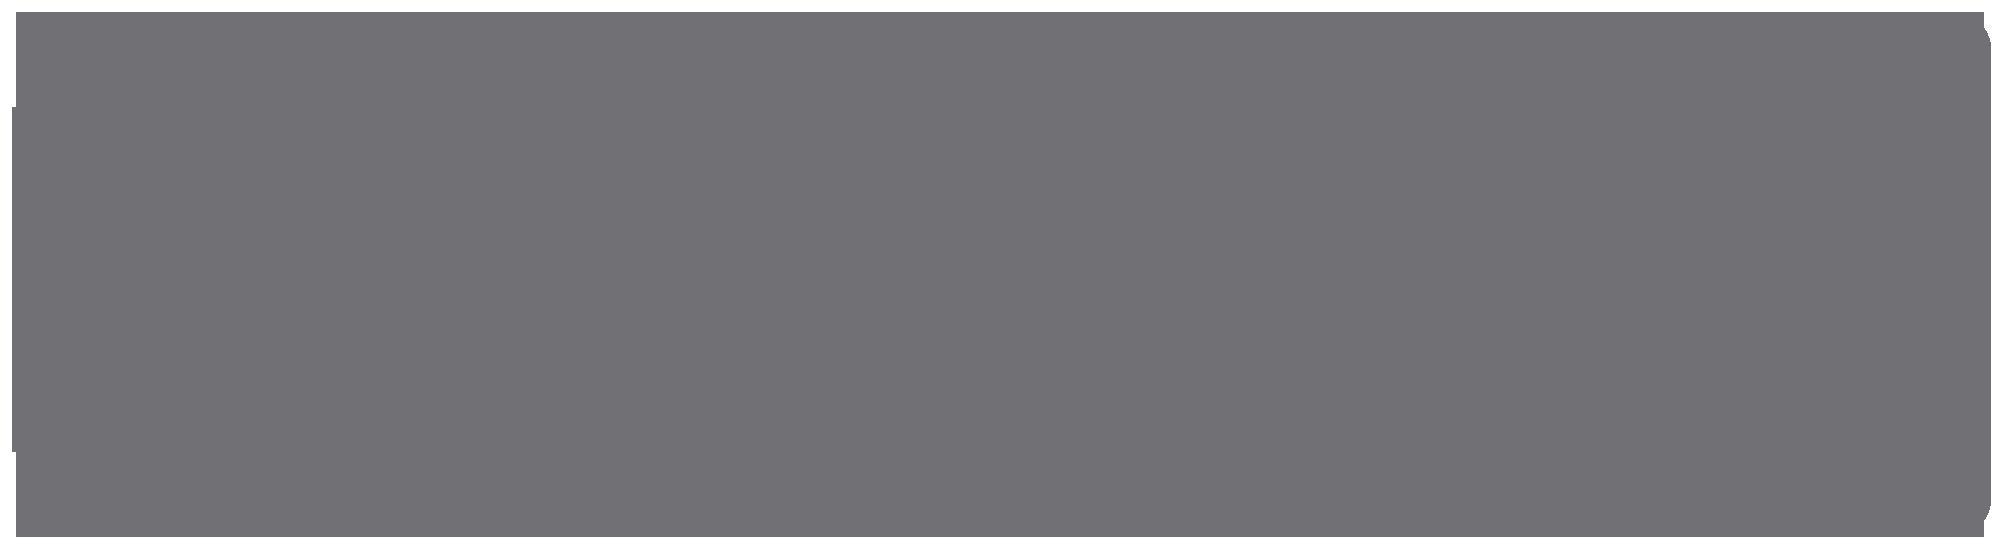 LinkedIn copy.png